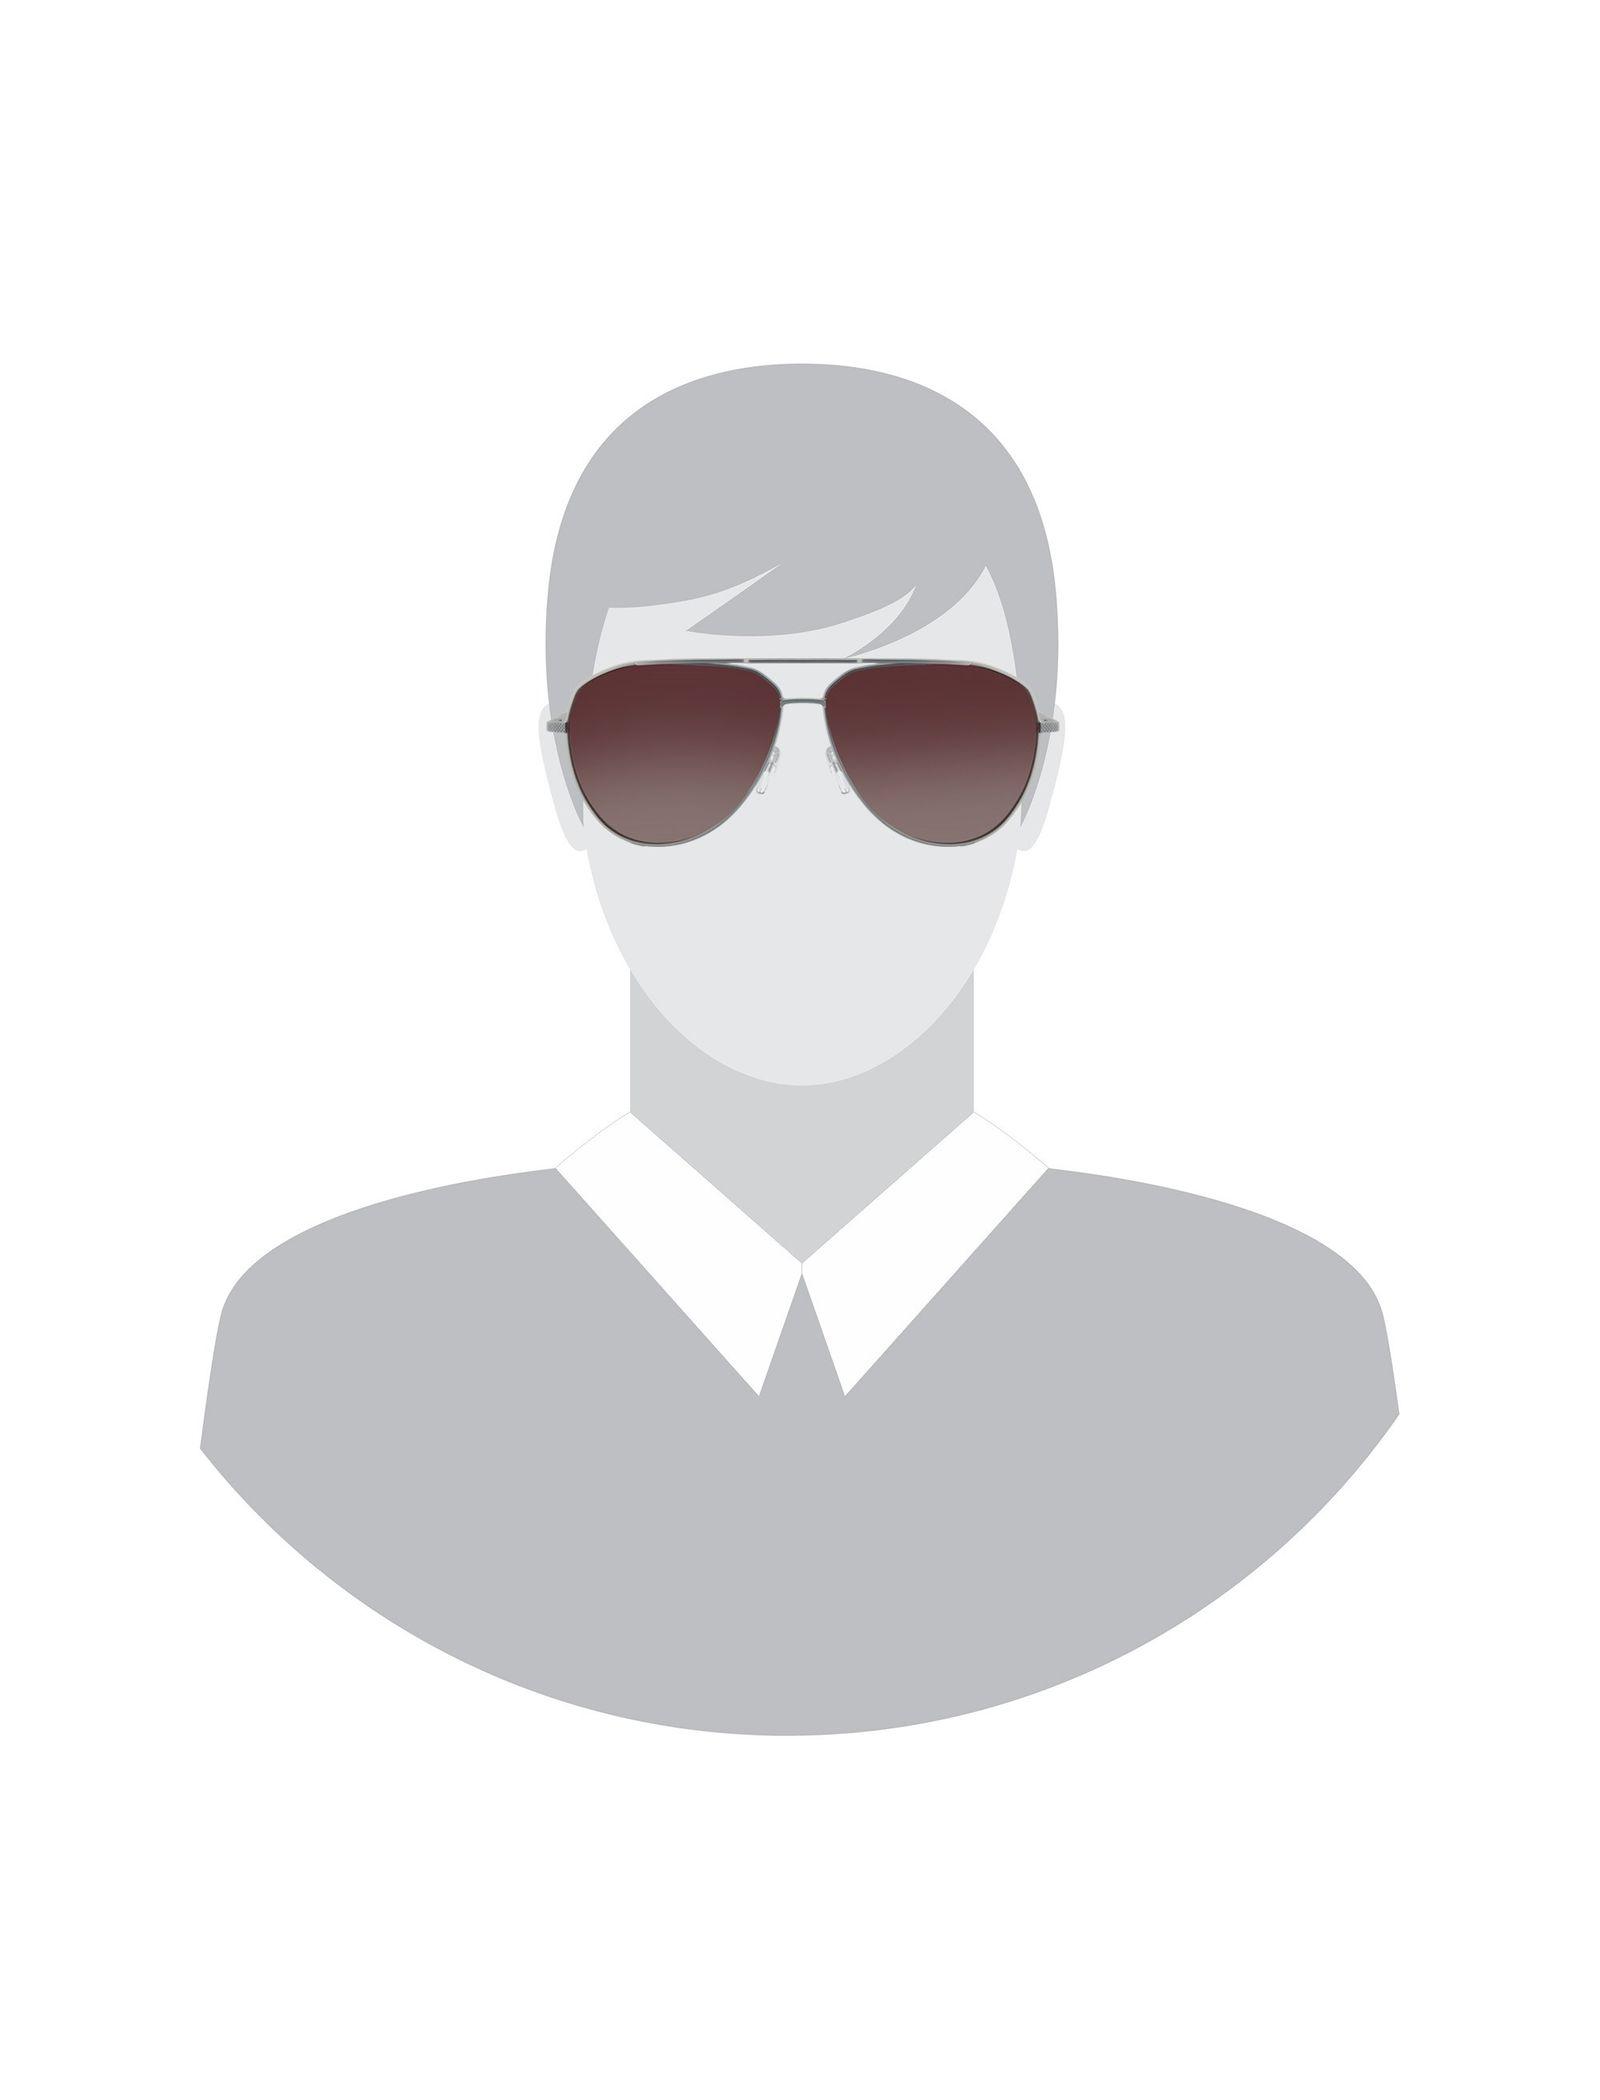 عینک آفتابی خلبانی بزرگسال - تد بیکر - نقره اي - 5